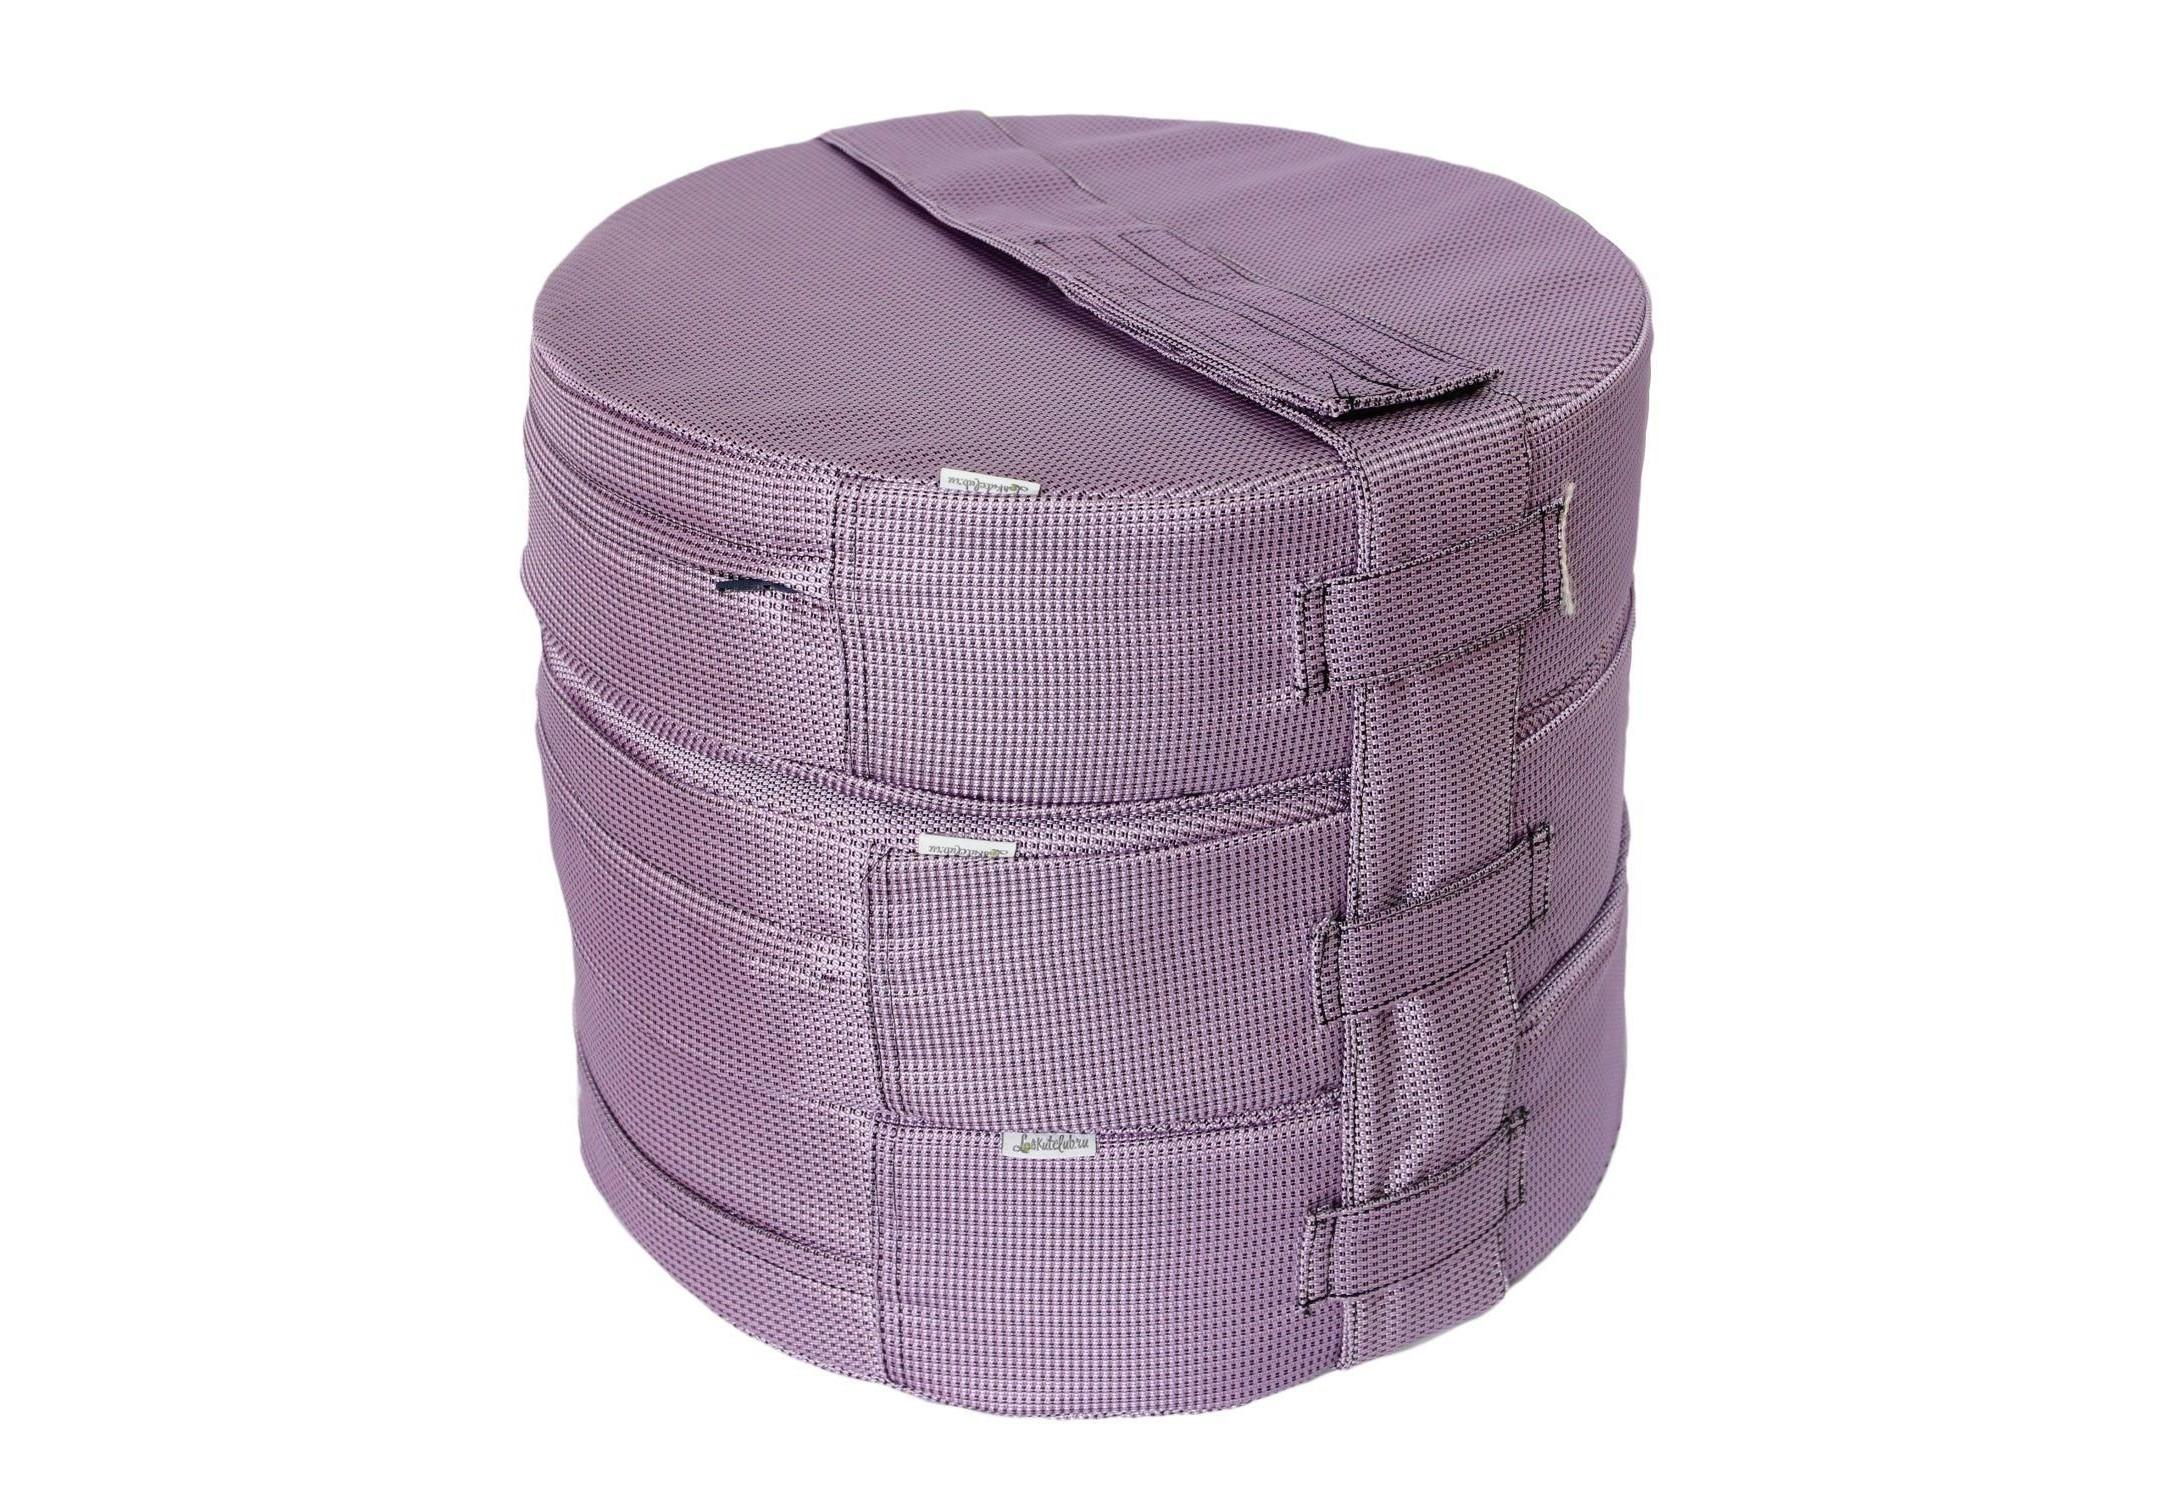 Подушка на пол lupin (3шт)Форменные пуфы<br>Мягкие и очень удобные подушки на пол из водооталкивающей ткани с наполнителем из поролона станут функциональным предметом для комфортного отдыха. Контраст вставки с основным цветом изделия добавит изюминку в ваше пространство! Подушка сшита из очень плотной ткани с водооталкивающей пропиткой с внешней стороны, поэтому идеально подойдет для уличного декора. Набор подушек удобно хранить и перевозить в машине, за счет компактной упаковки. При загрязнении ее достаточно протереть влажной салфеткой!&amp;amp;nbsp;&amp;lt;div&amp;gt;&amp;lt;br&amp;gt;&amp;lt;/div&amp;gt;&amp;lt;div&amp;gt;Размер каждой подушки 10х40 см.&amp;amp;nbsp;&amp;lt;/div&amp;gt;<br><br>Material: Текстиль<br>Высота см: 30